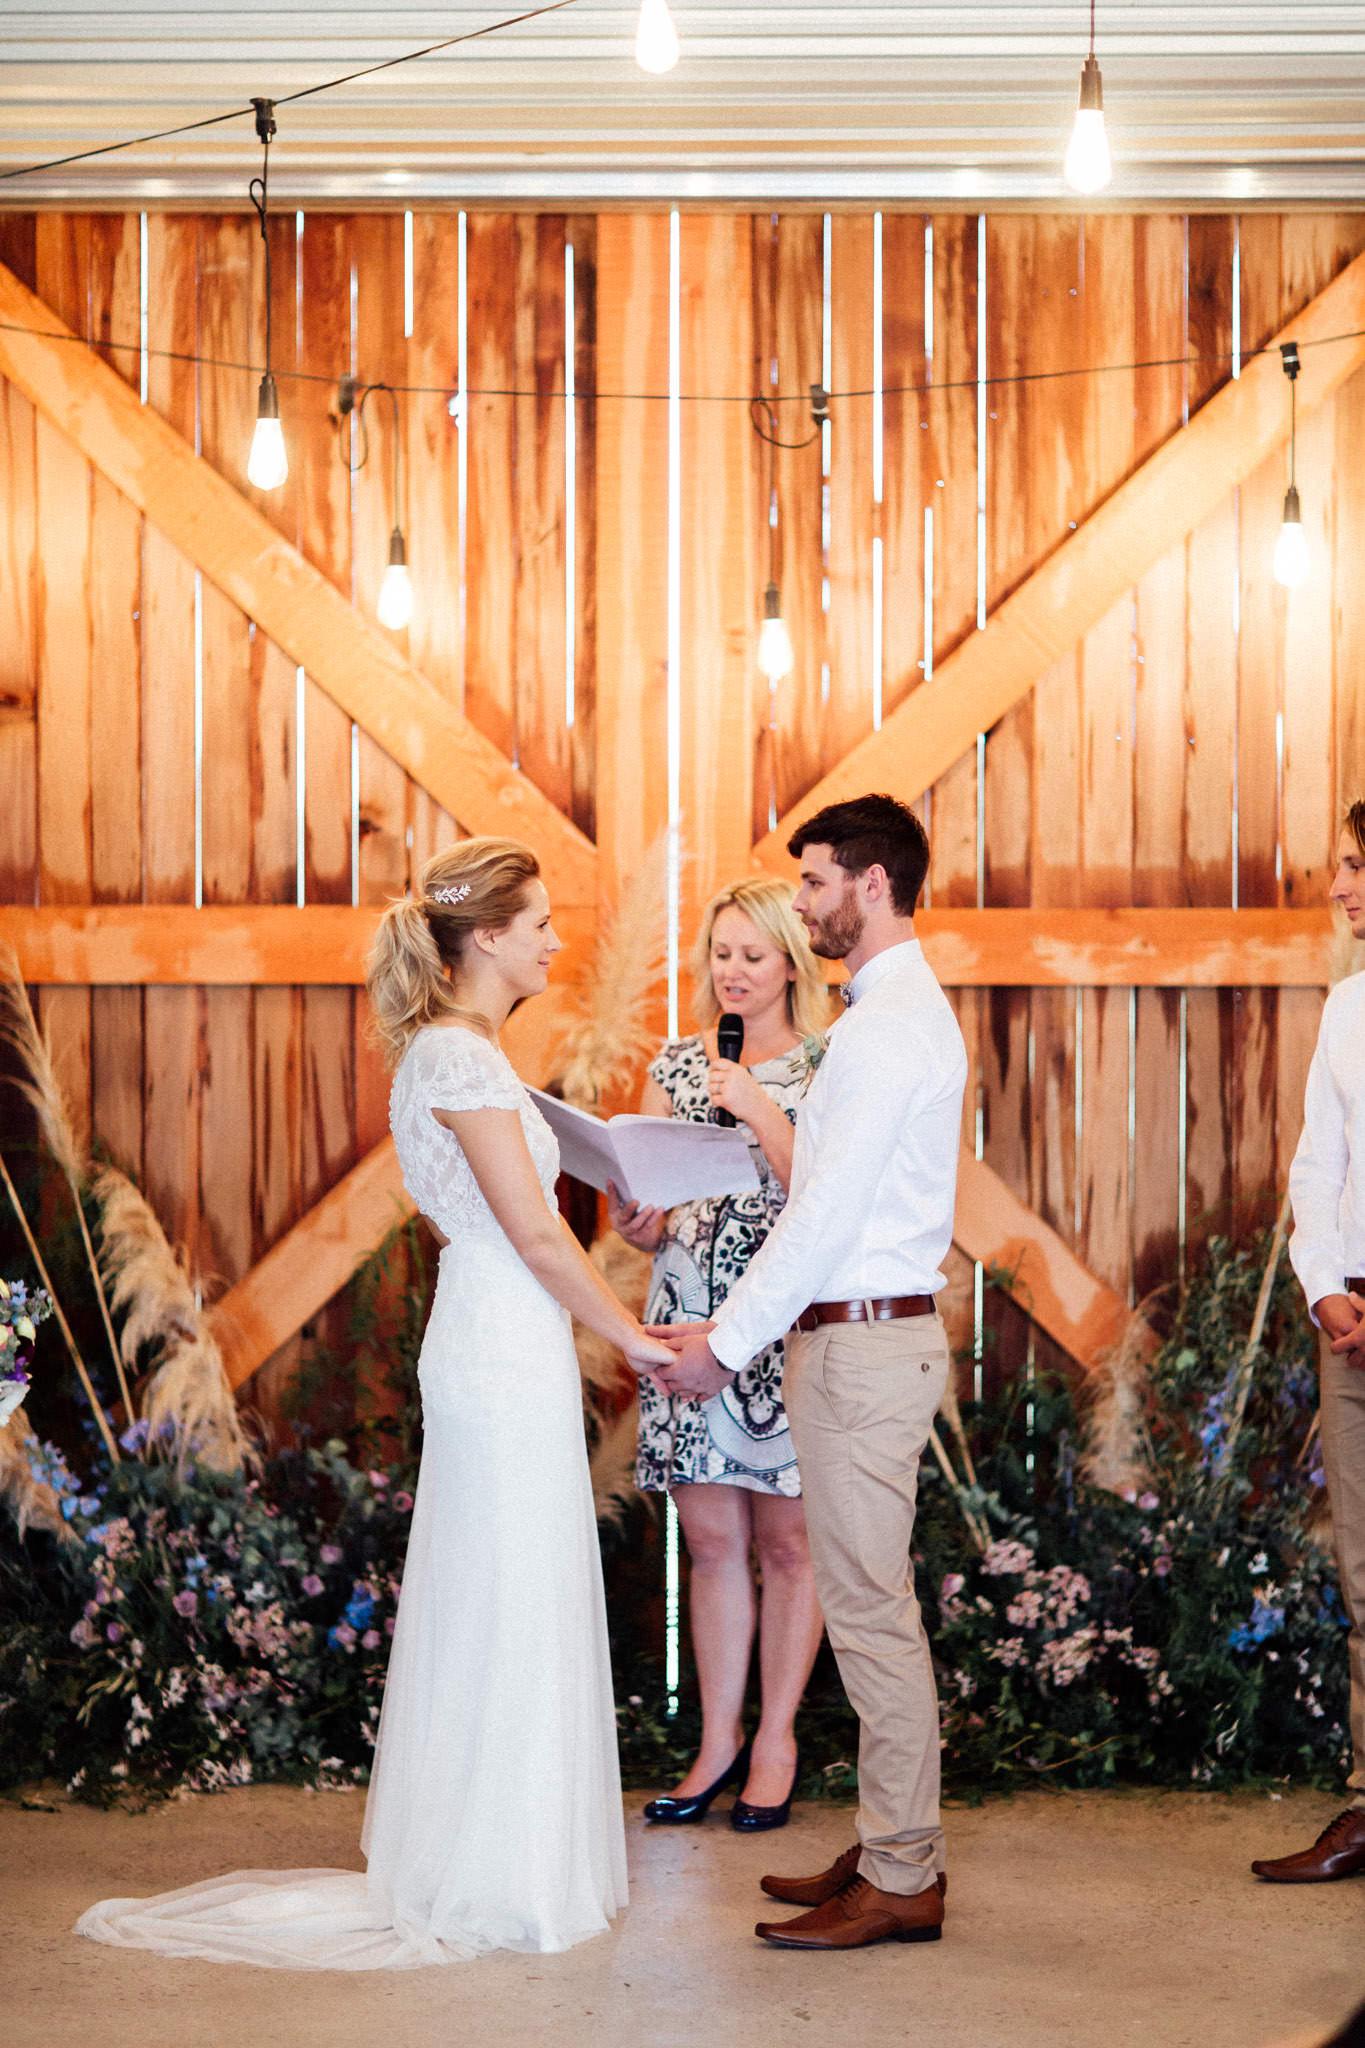 WeddingPhotos_Facebook_2048pixels-1269.jpg